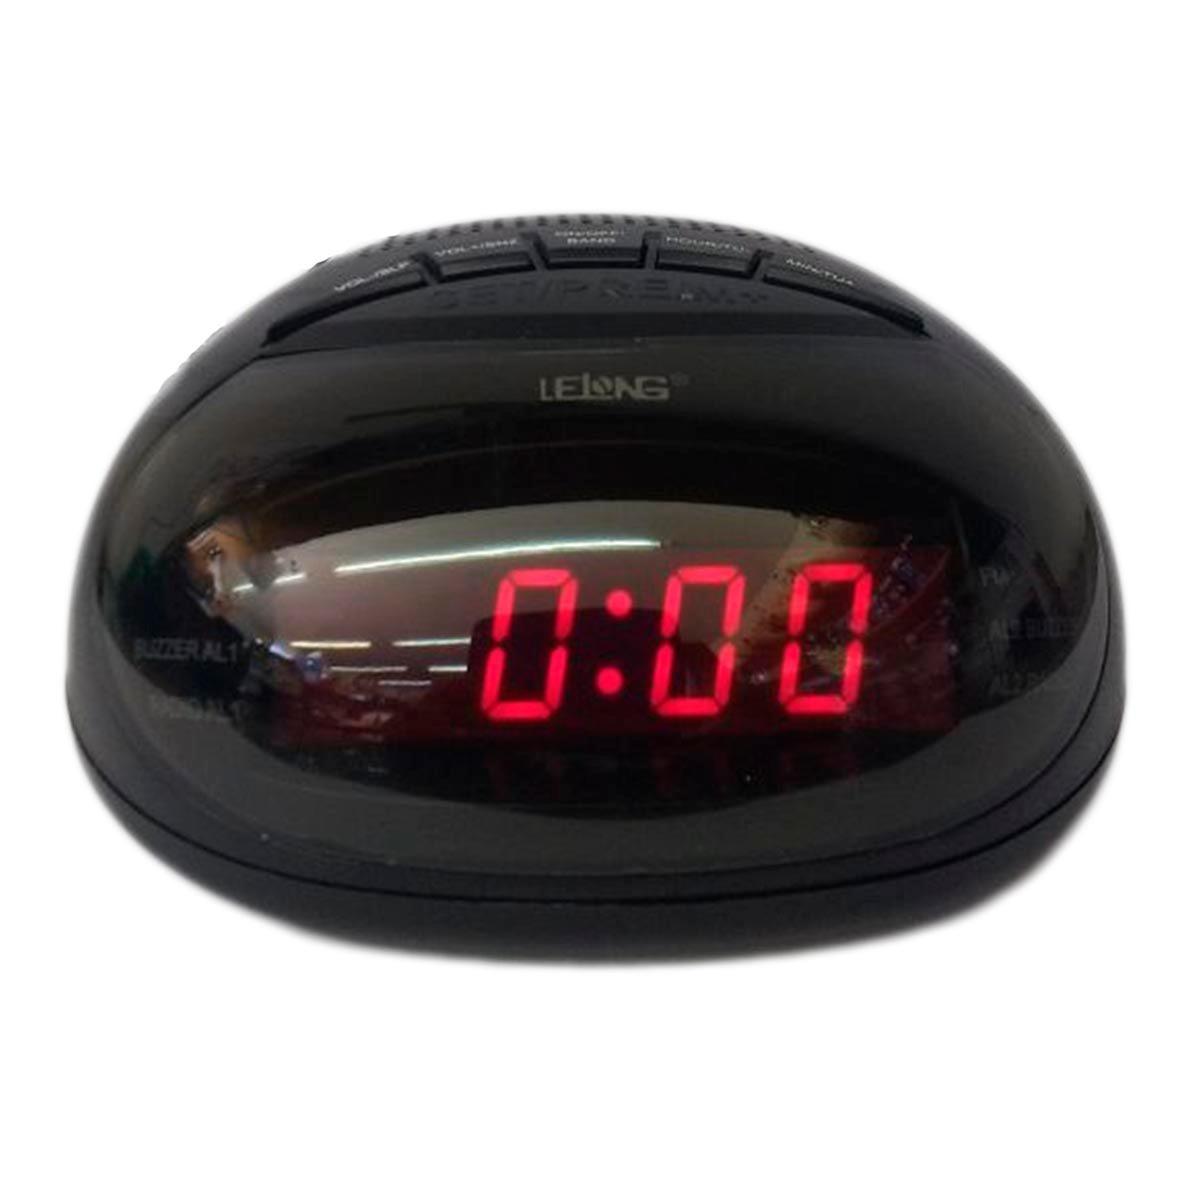 b7475a2a56b radio relógio despertador am fm lelong le-631. Carregando zoom.